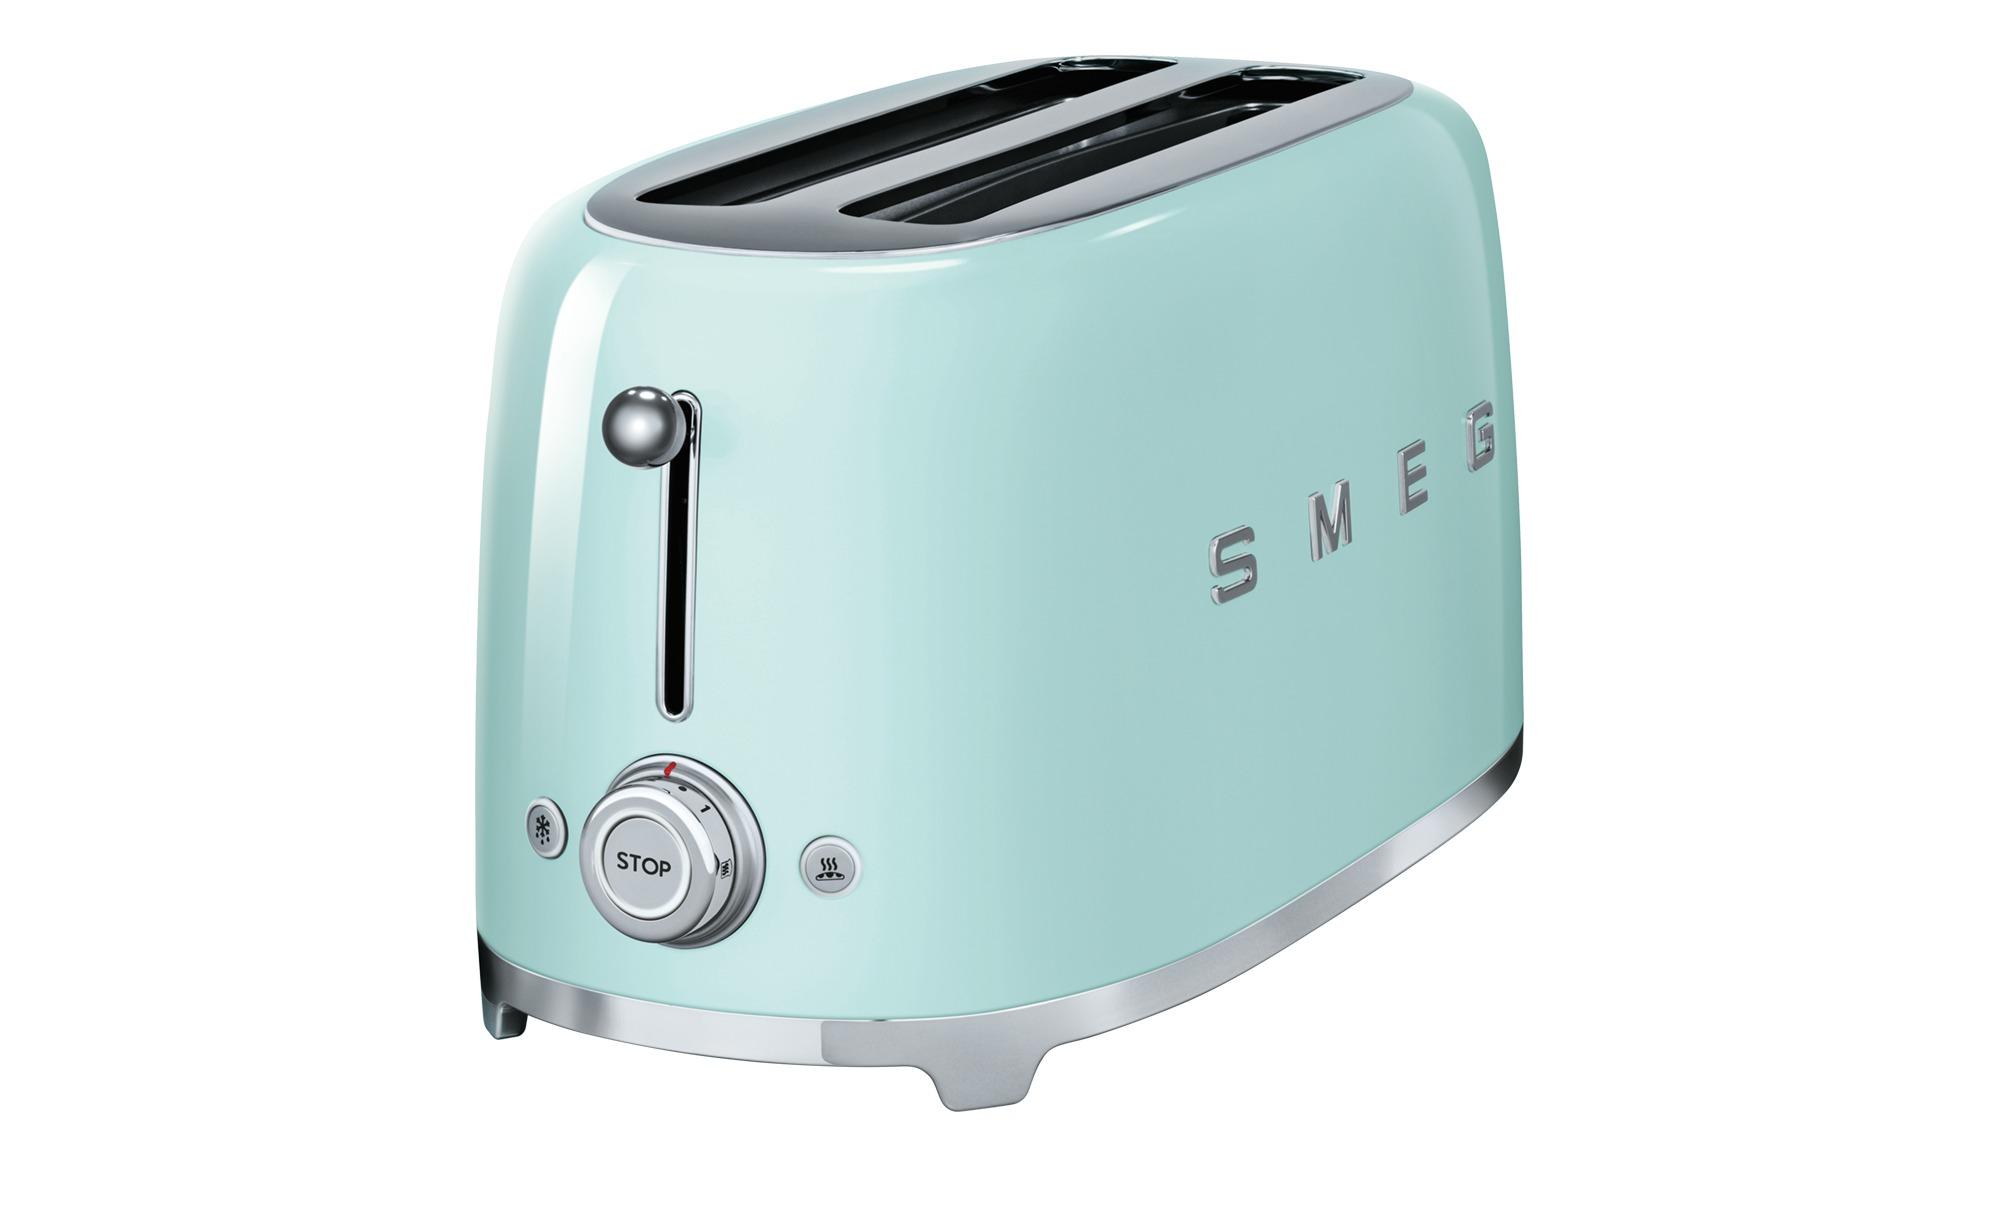 smeg 4-Scheiben-Toaster  TSF02PGEU - grün - Edelstahl - 39,4 cm - 21,5 cm - 20,8 cm - Elektrokleingeräte > Toaster - Möbel Kraft | Küche und Esszimmer > Küchengeräte > Toaster | smeg